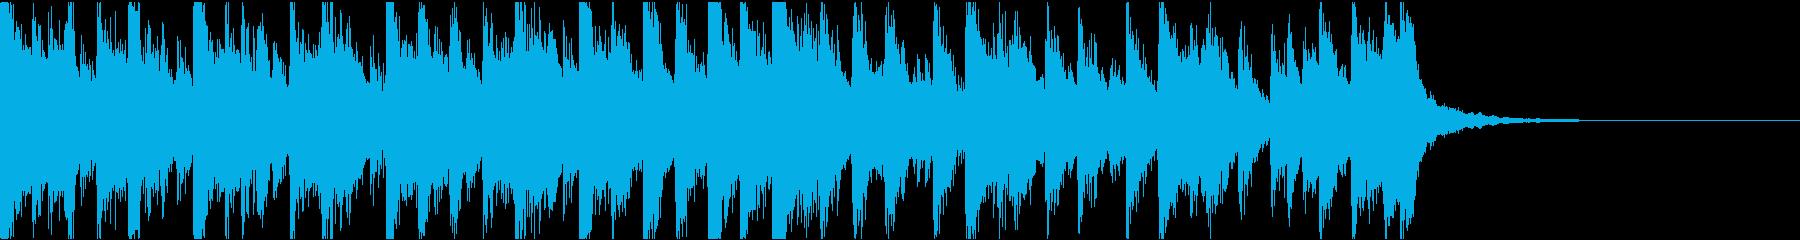 琴、電子音ダーク/ジングルの再生済みの波形